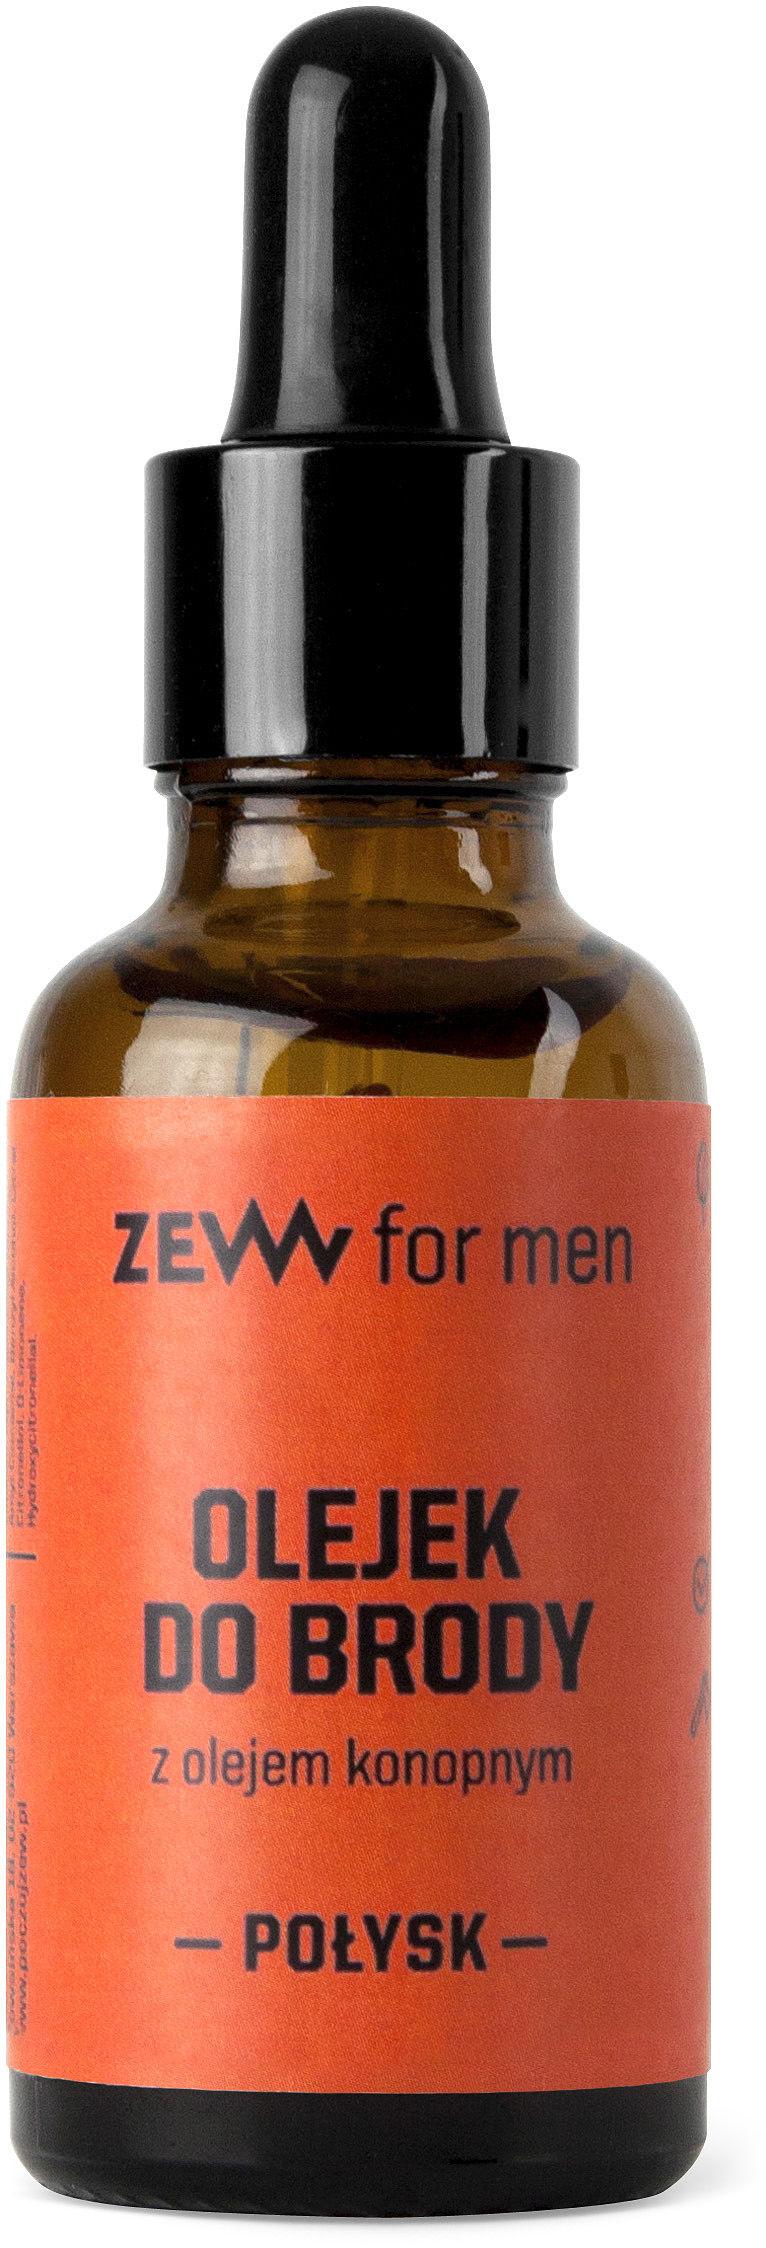 ZEW nabłyszczający olejek do brody z olejem konopnym 30 ml